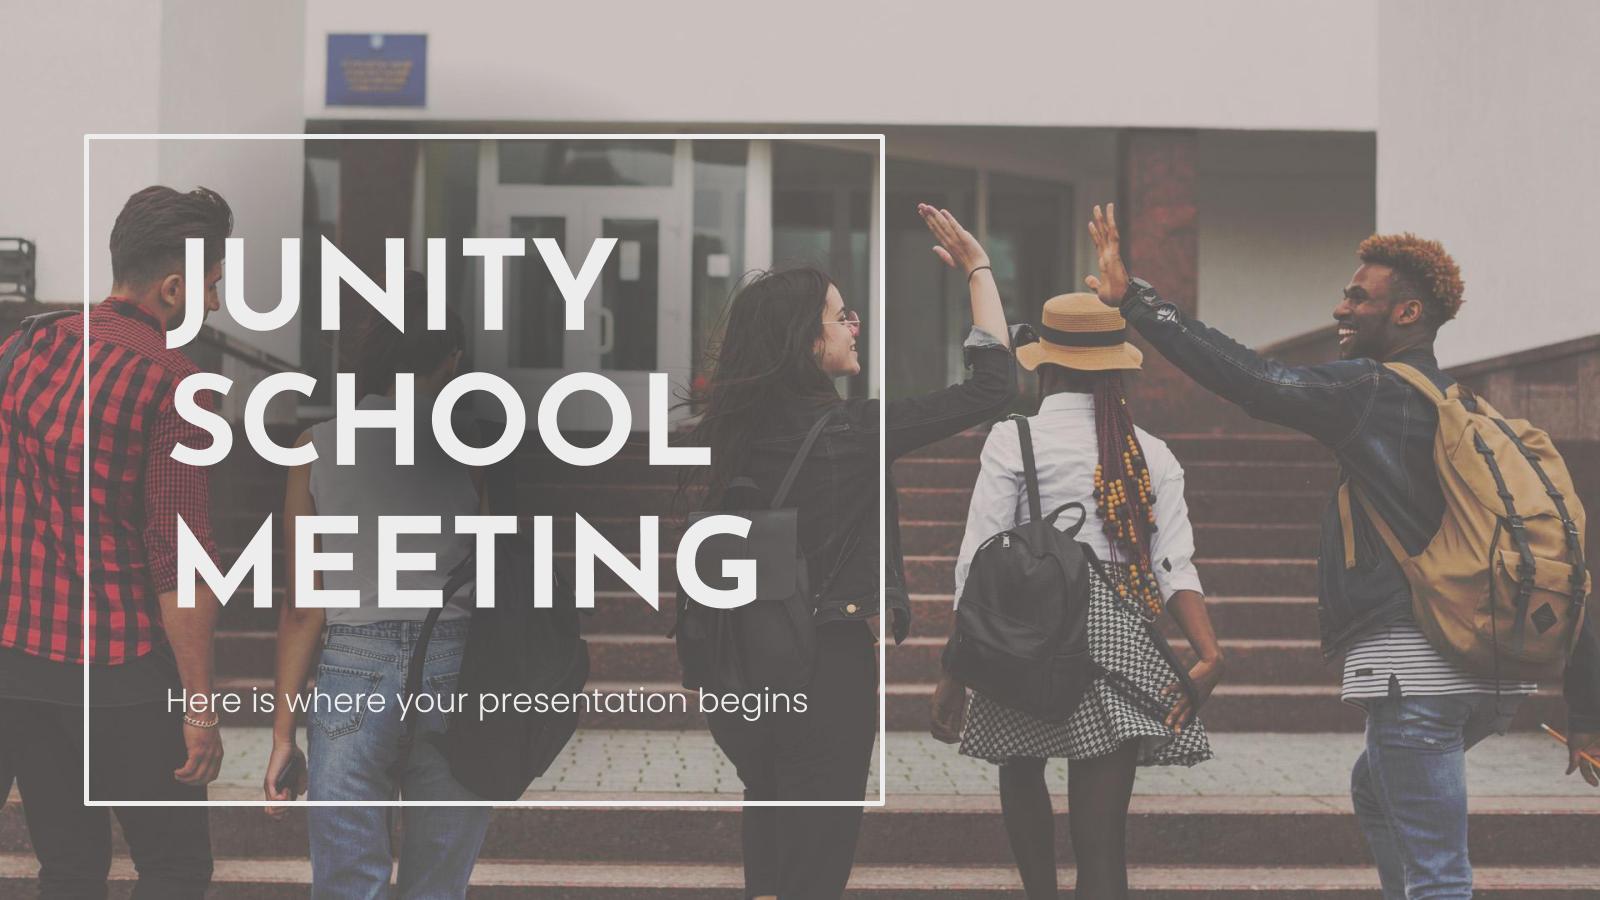 Réunion d'école Junity : Modèles de présentation